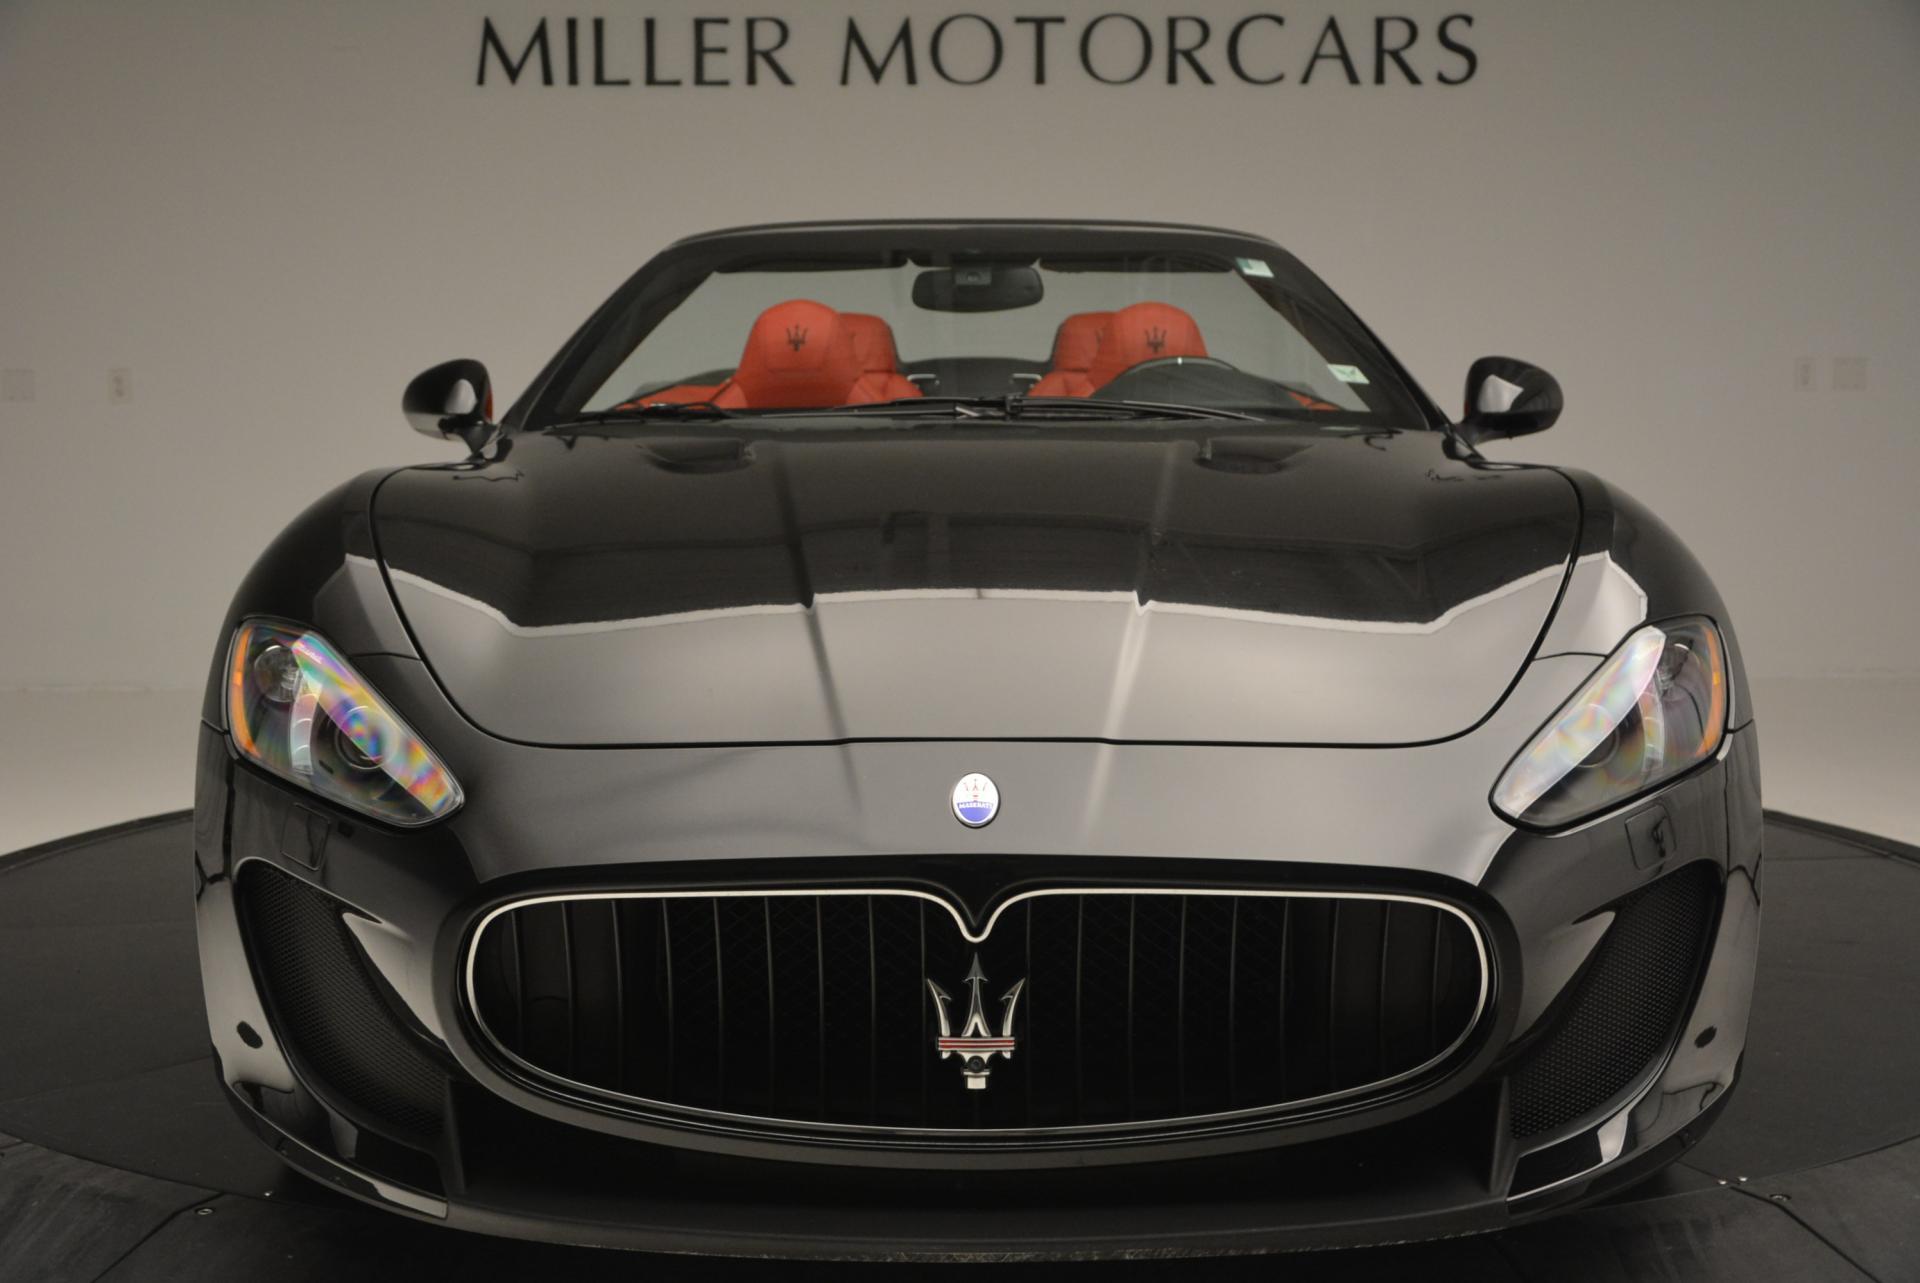 Used 2013 Maserati GranTurismo MC For Sale In Greenwich, CT. Alfa Romeo of Greenwich, 7081 521_p20